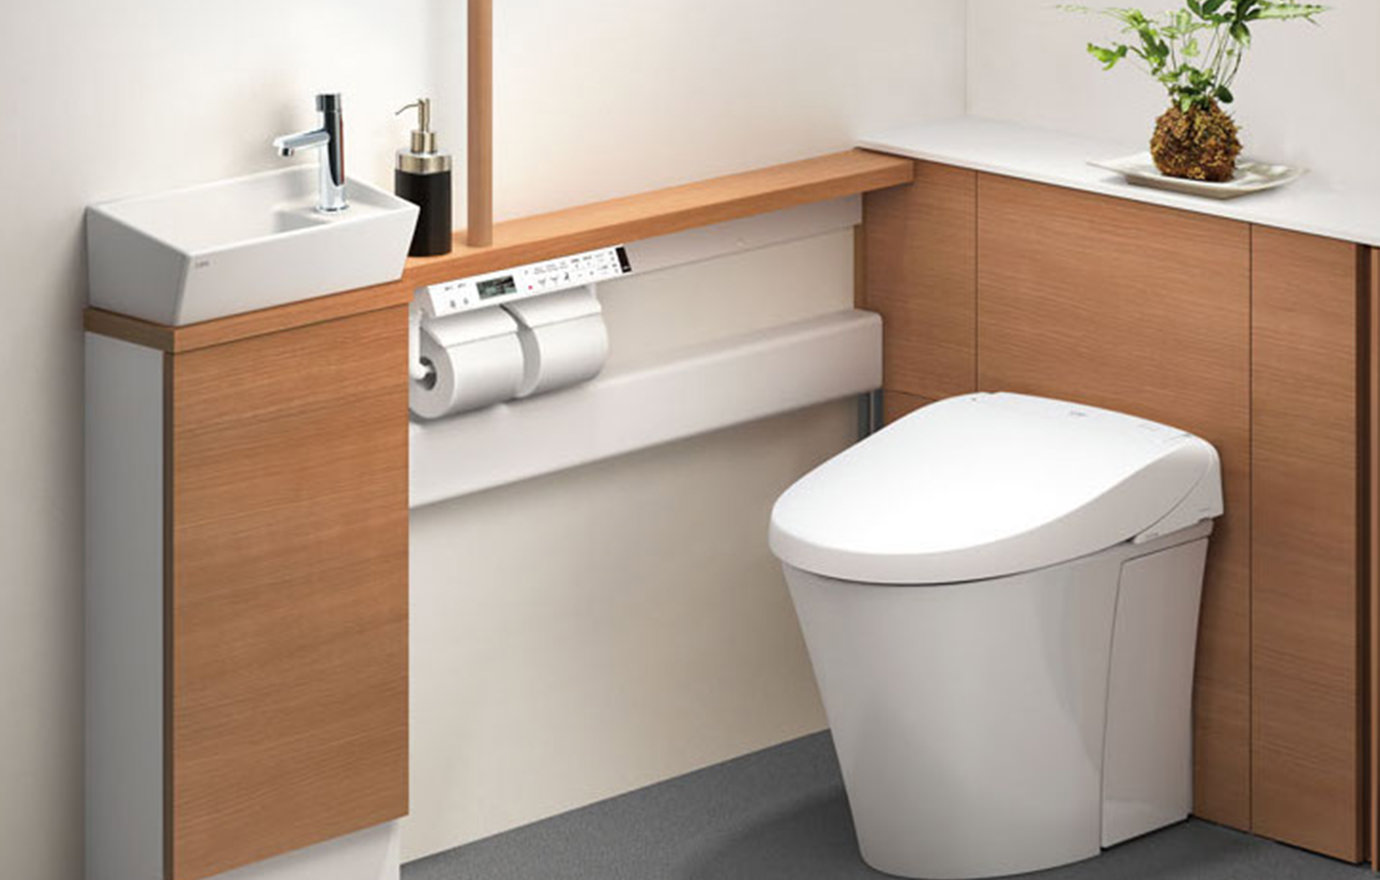 来客者はトイレを見ている! 好感度を上げる掃除法を掃除のプロに聞きました